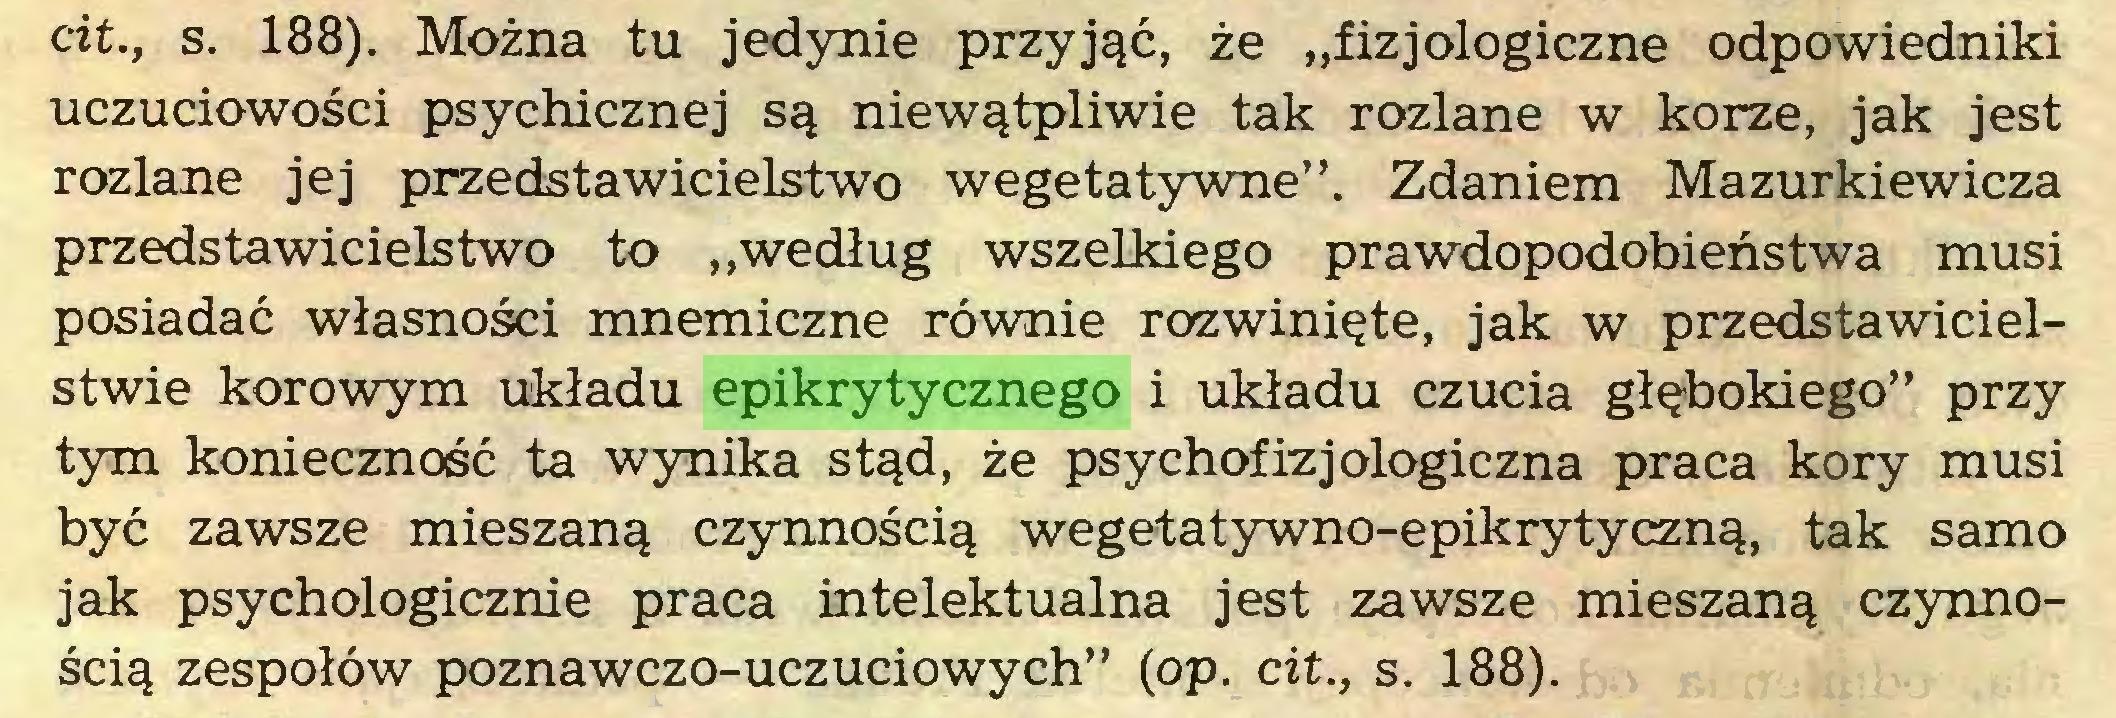 """(...) cit., s. 188). Można tu jedynie przyjąć, że """"fizjologiczne odpowiedniki uczuciowości psychicznej są niewątpliwie tak rozlane w korze, jak jest rozlane jej przedstawicielstwo wegetatywne"""". Zdaniem Mazurkiewicza przedstawicielstwo to """"według wszelkiego prawdopodobieństwa musi posiadać własności mnemiczne równie rozwinięte, jak w przedstawicielstwie korowym układu epikrytycznego i układu czucia głębokiego"""" przy tym konieczność ta wynika stąd, że psychofizjologiczna praca kory musi być zawsze mieszaną czynnością wegetatywno-epikrytyczną, tak samo jak psychologicznie praca intelektualna jest zawsze mieszaną czynnością zespołów poznawczo-uczuciowych"""" (op. cit., s. 188)..."""